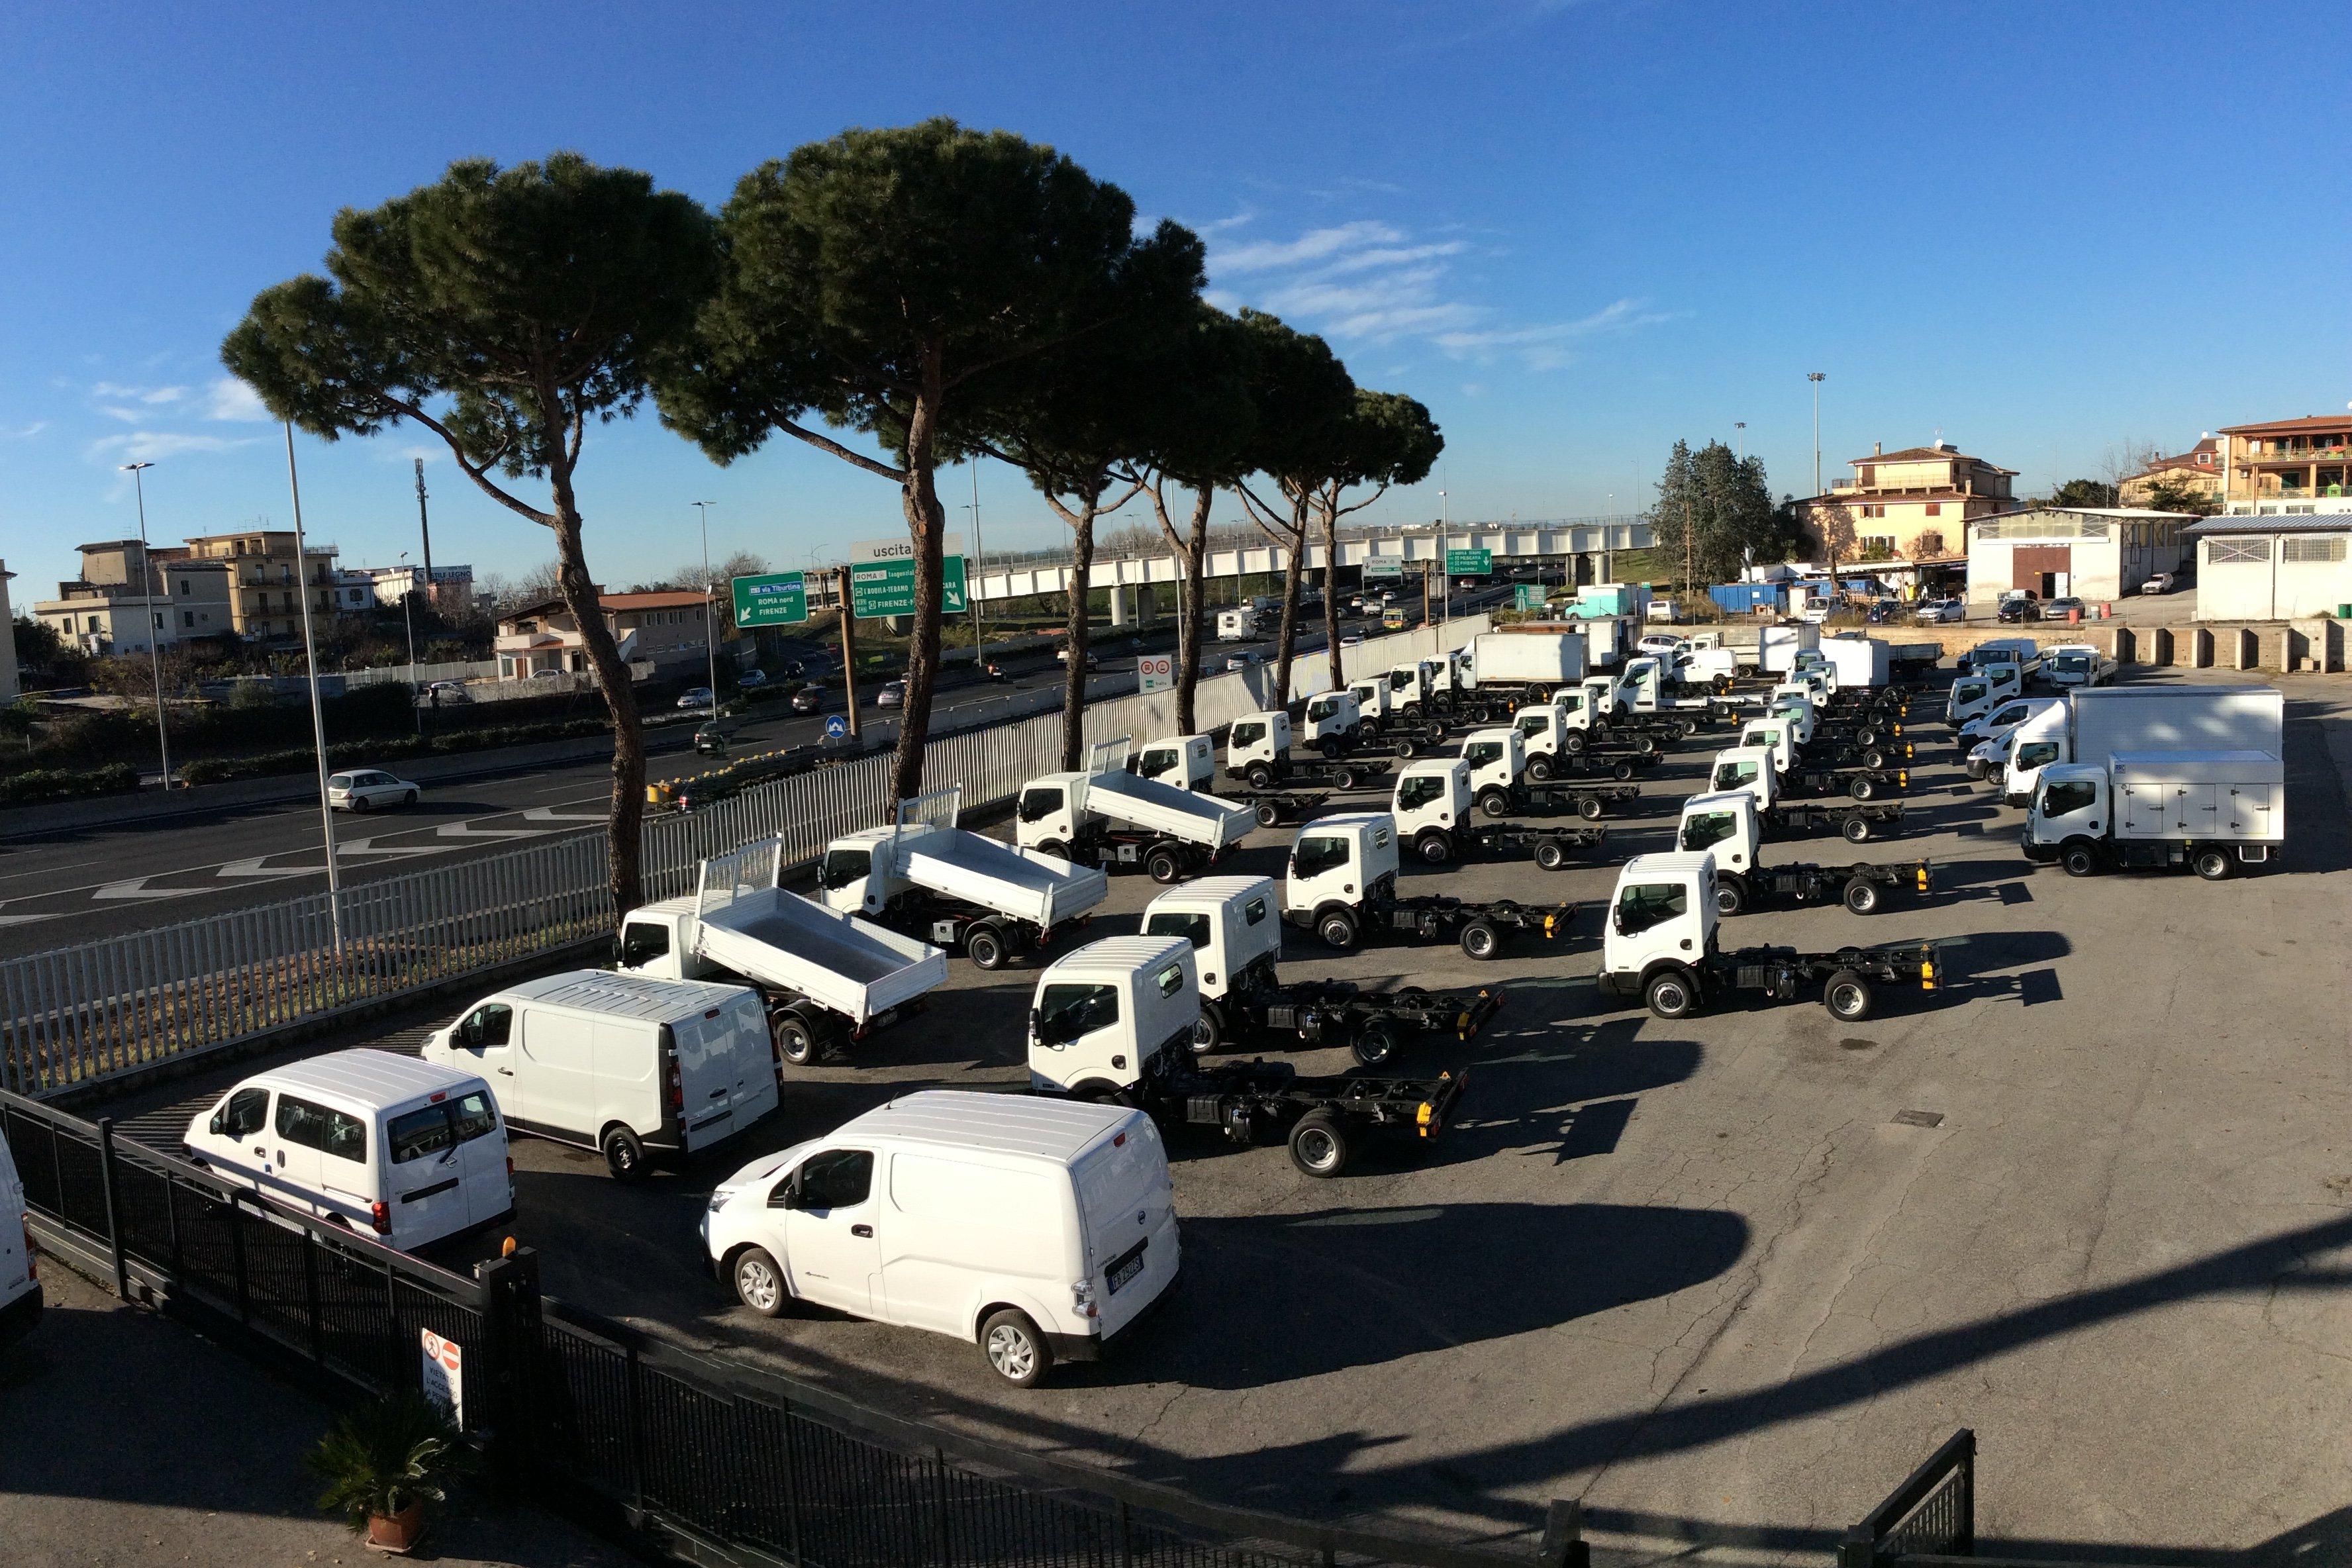 Parcheggio dei veicoli industriali all'ingresso